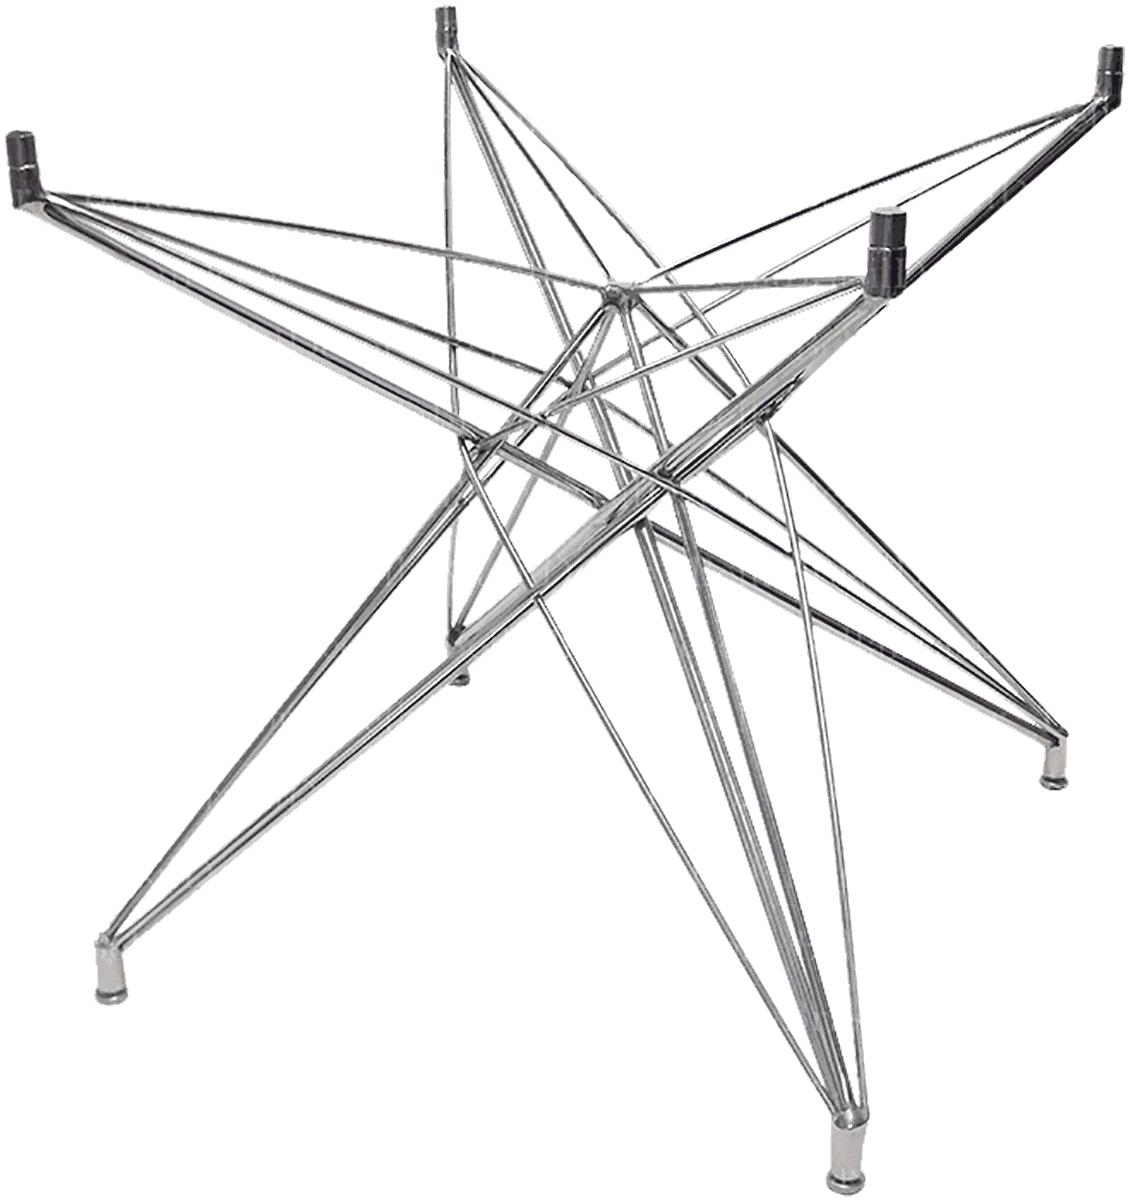 Base de Mesa Estrela Quadrada Pequena Inox - 69x69